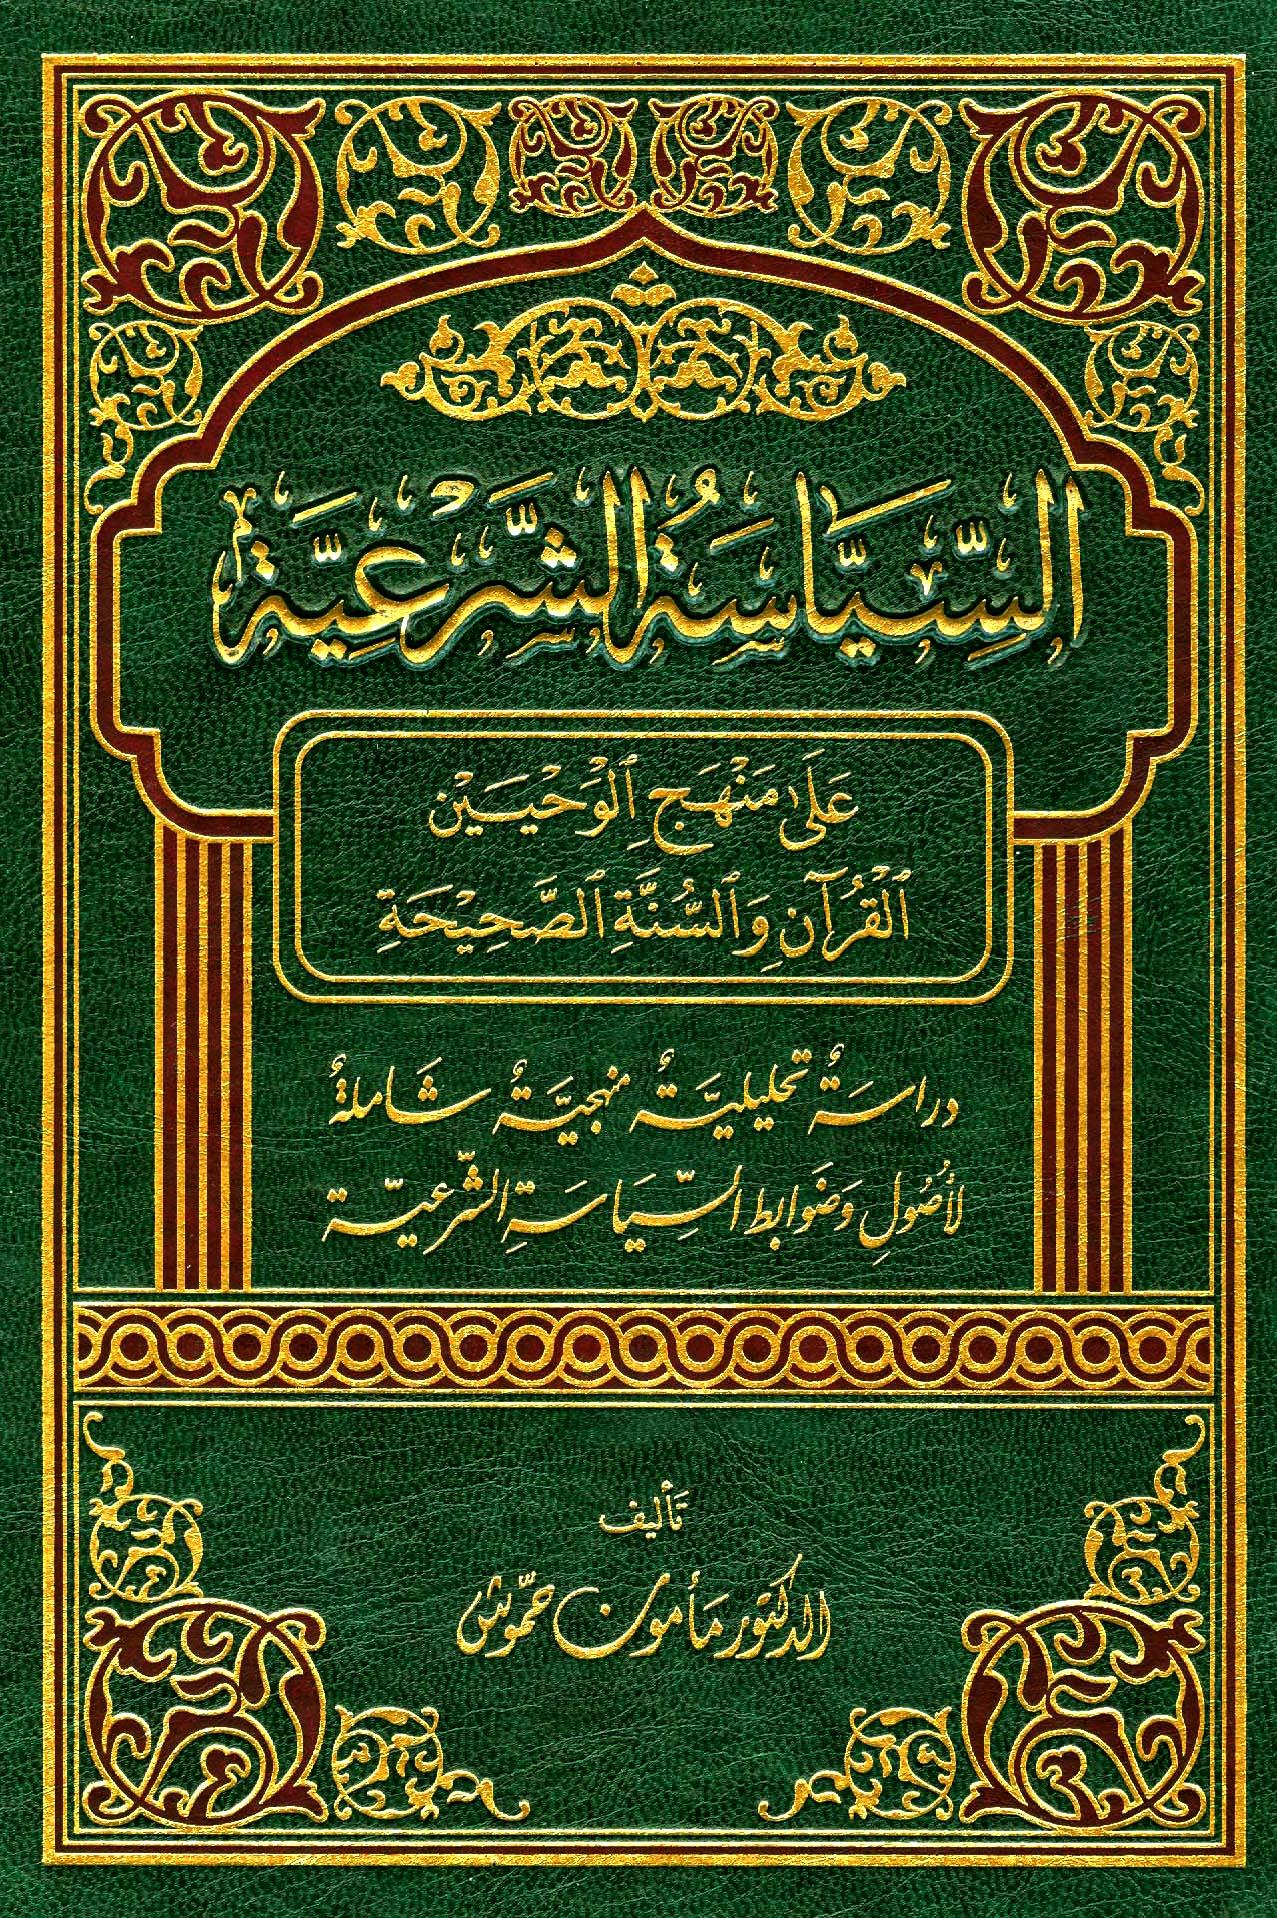 كتاب  السياسة الشرعية على منهج الوحيين القرآن والسنة الصحيحة